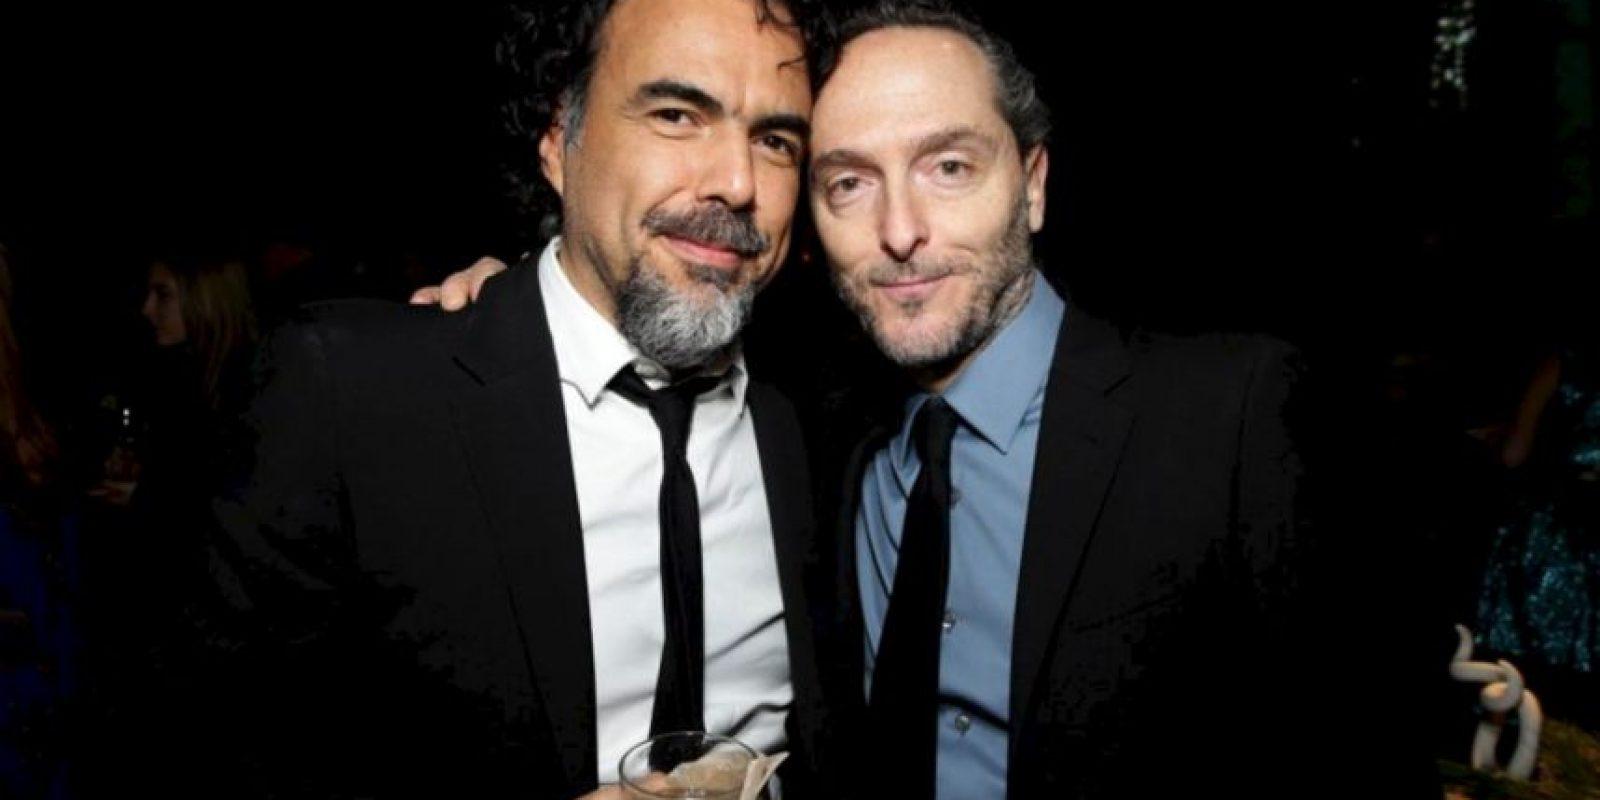 Los ganadores de la noche fueron mexicanos: Alejandro González Iñárritu y Emmanuel Lubezky Foto:Twitter